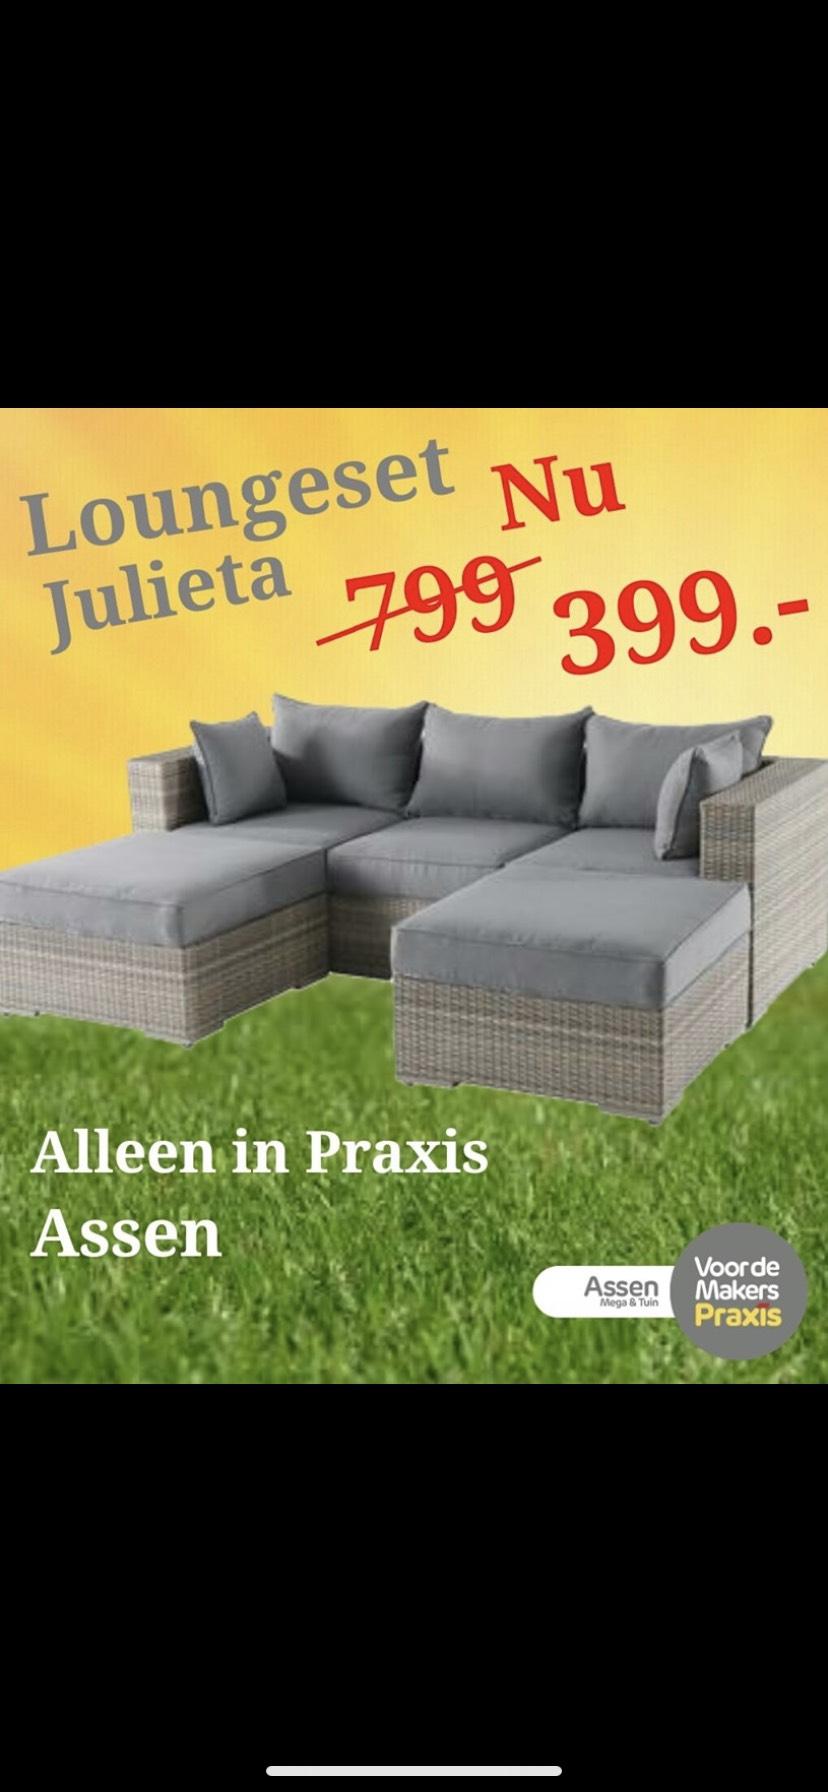 [Lokaal] Loungeset Julieta @Praxis Assen